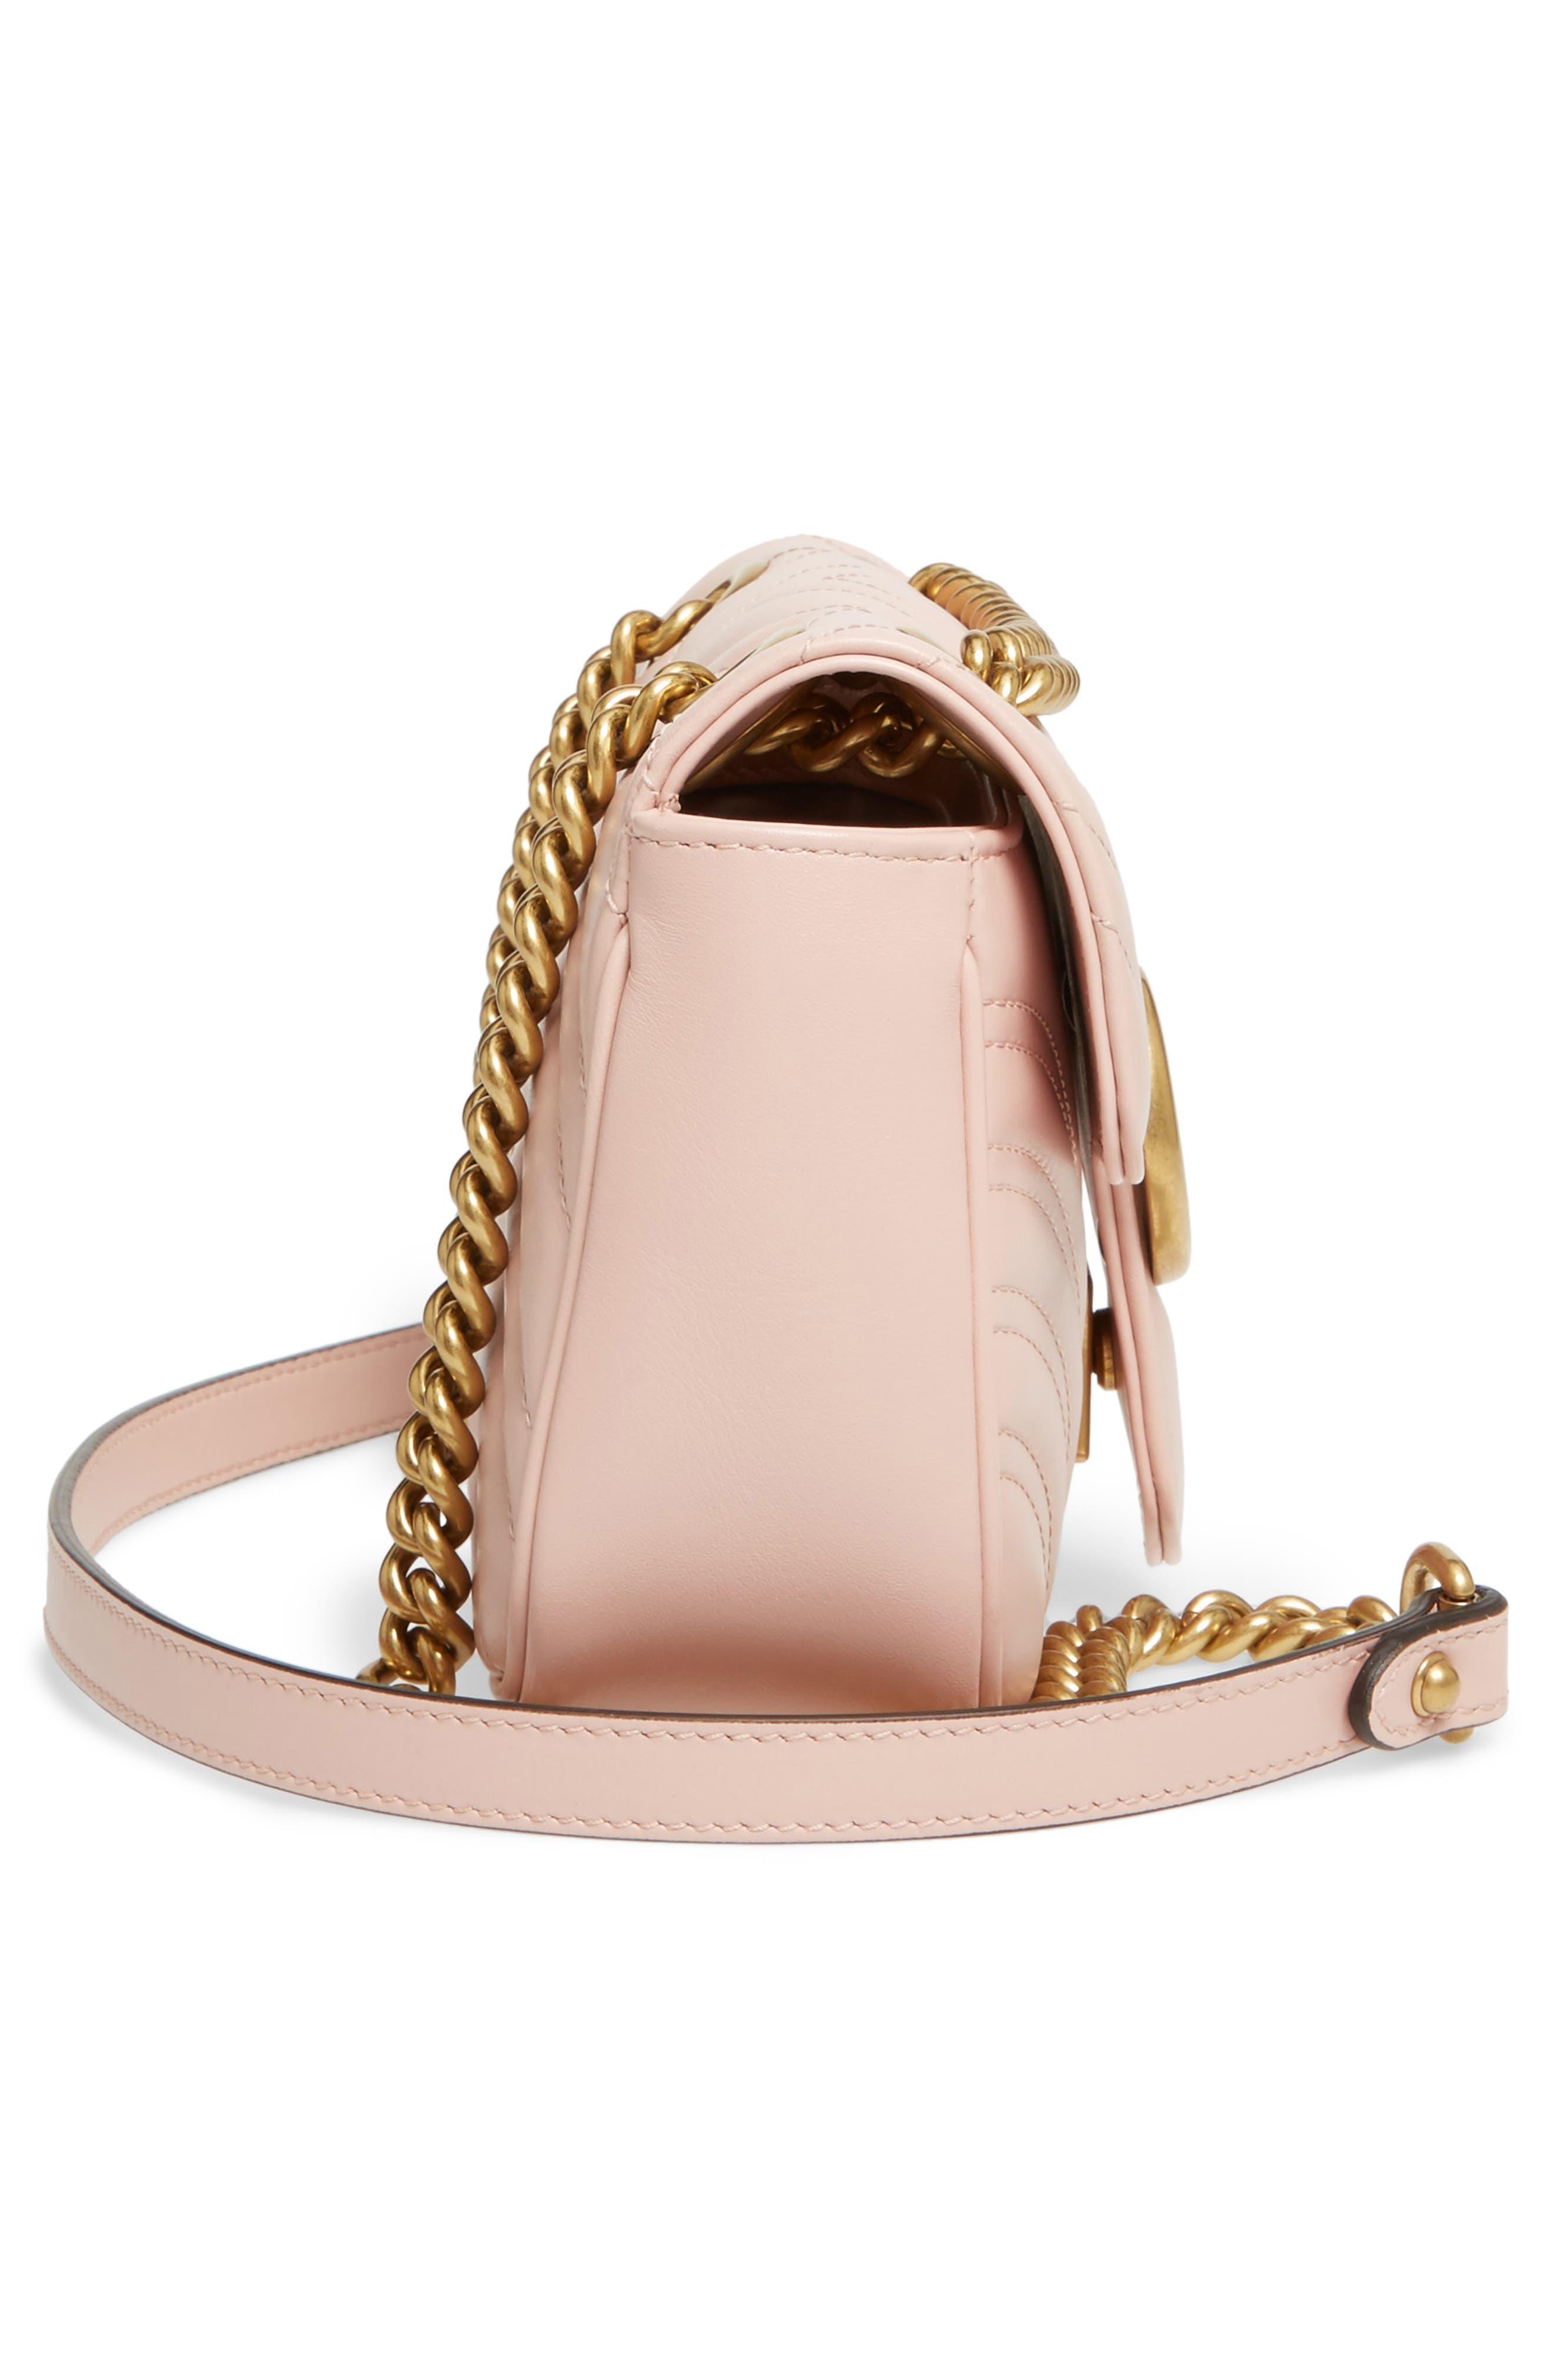 Mini GG Marmont 2.0 Matelassé Leather Shoulder Bag,                             Alternate thumbnail 4, color,                             Perfect Pink